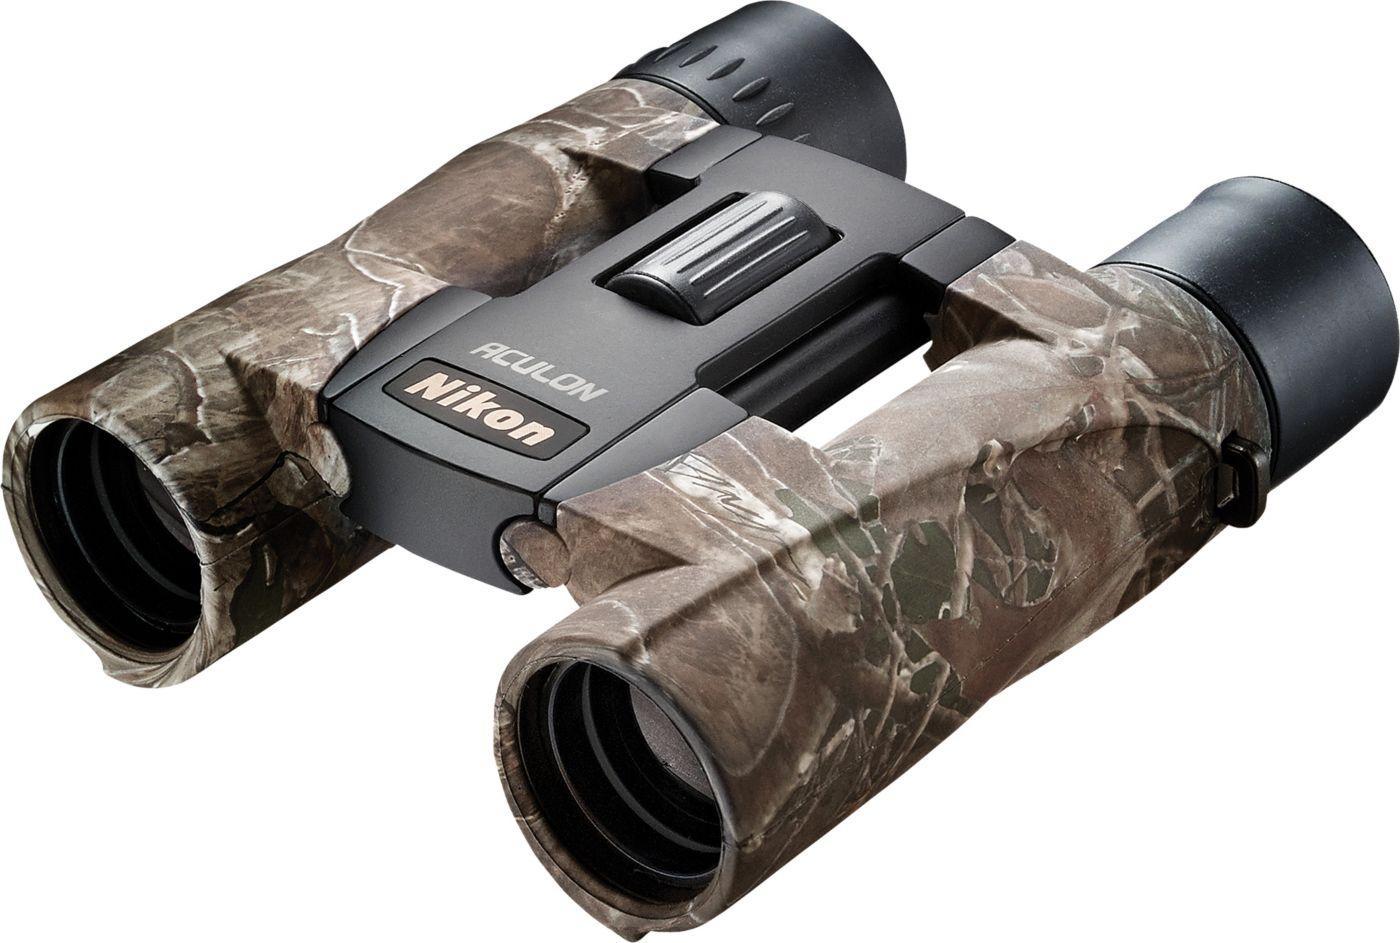 Nikon Aculon A30 10x25 Binocular